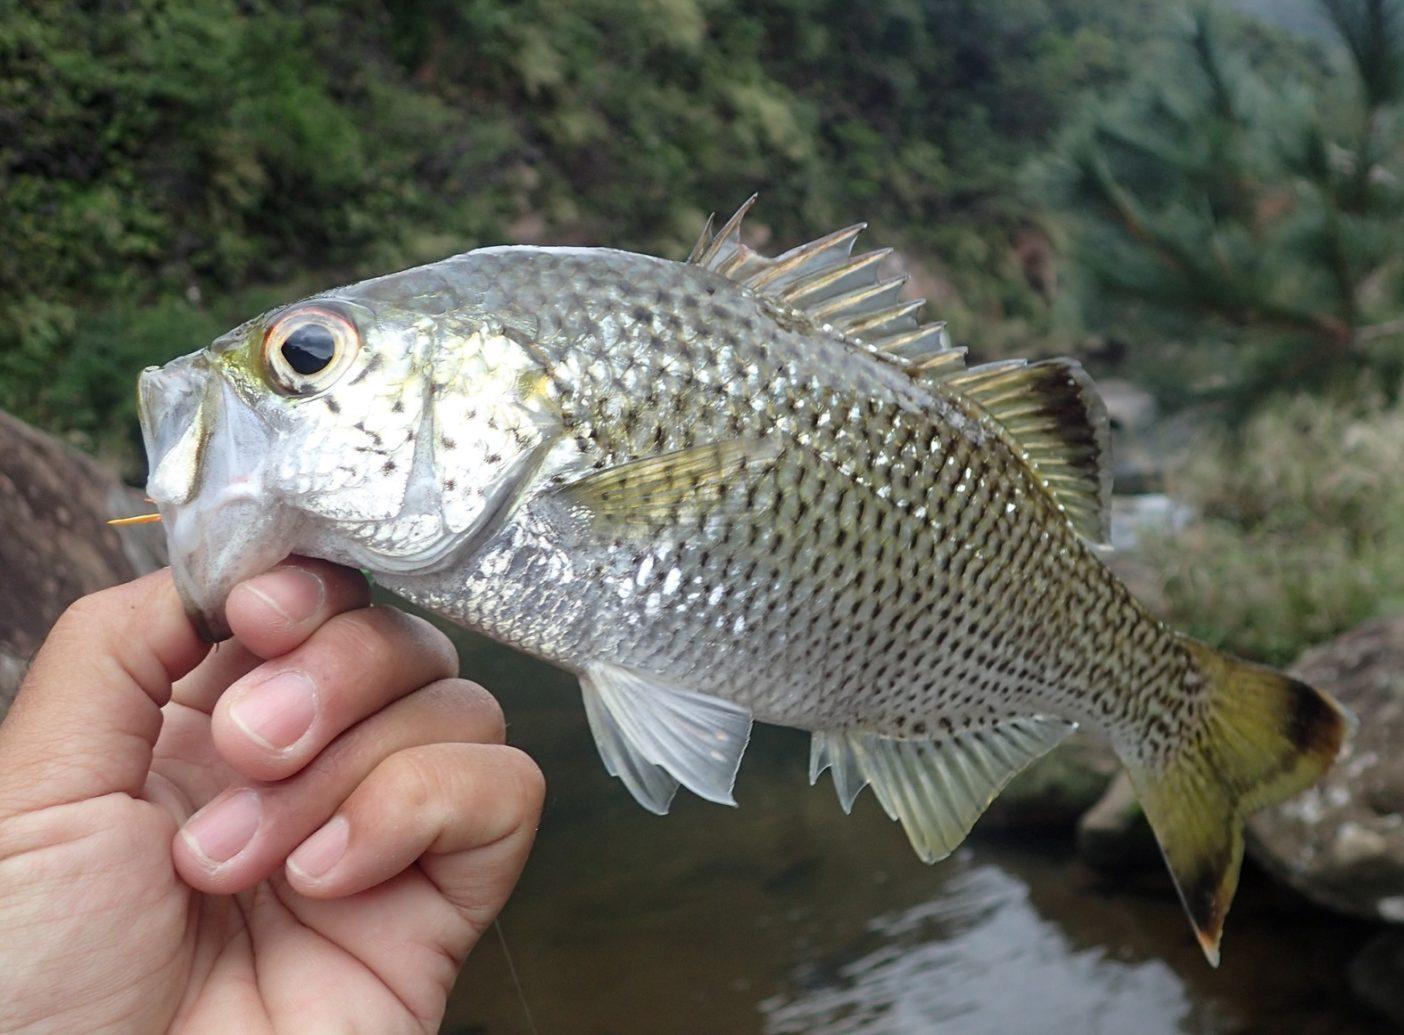 ハイシーズンではないため、それほど好活性ではなかったが、飽きない程度に釣れてくれる「癒しの魚」 写真:中根 淳一